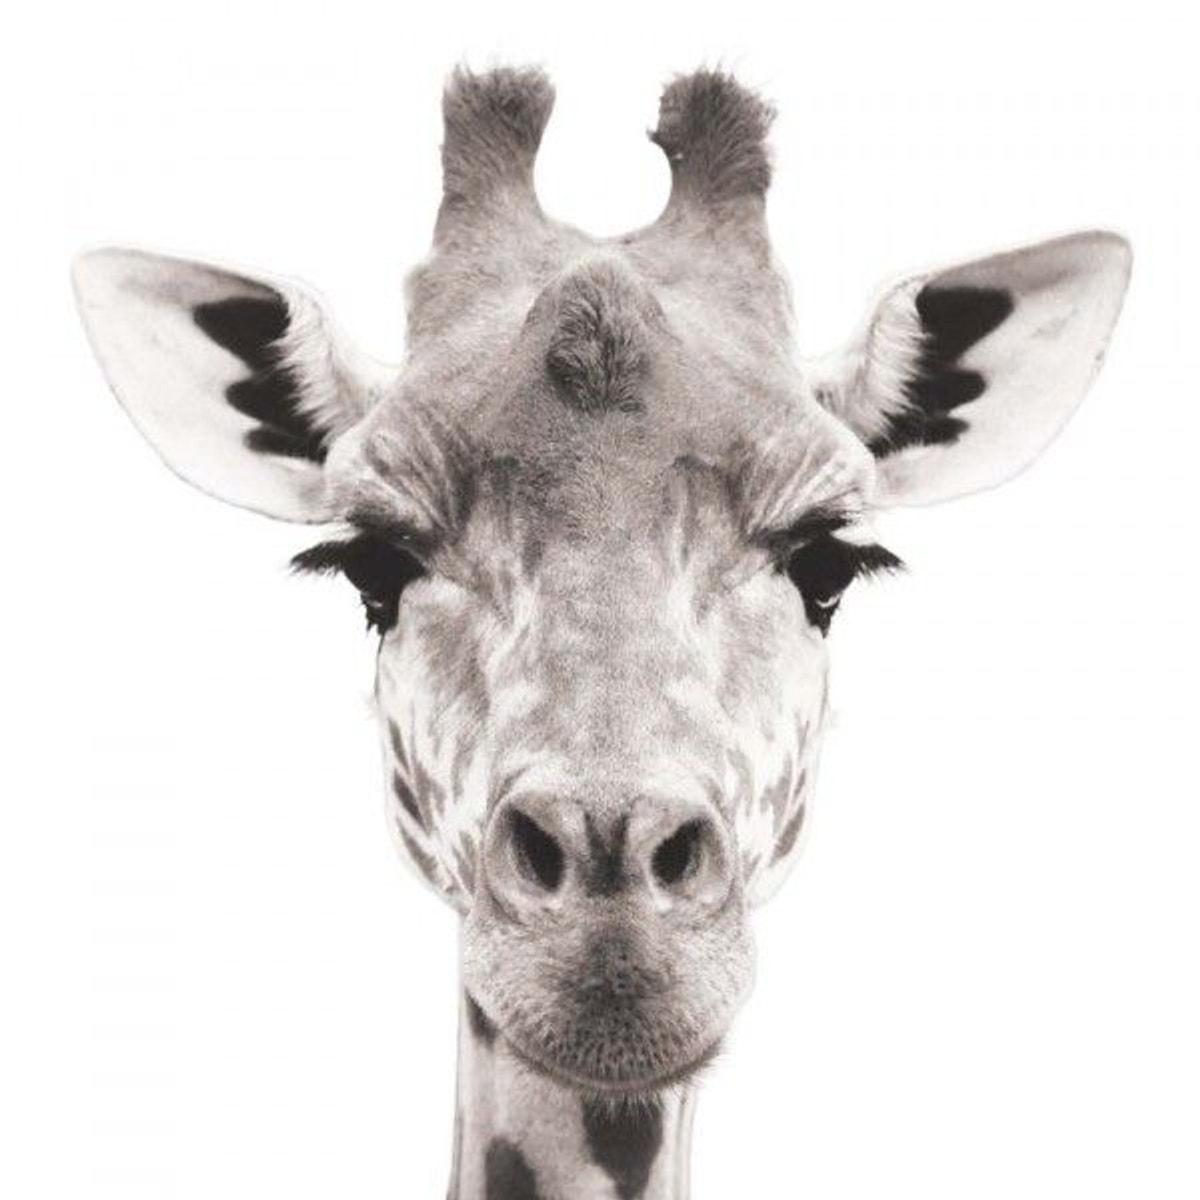 Sticker Photo Animal Tête Girafe Taille 077 x 085 cm